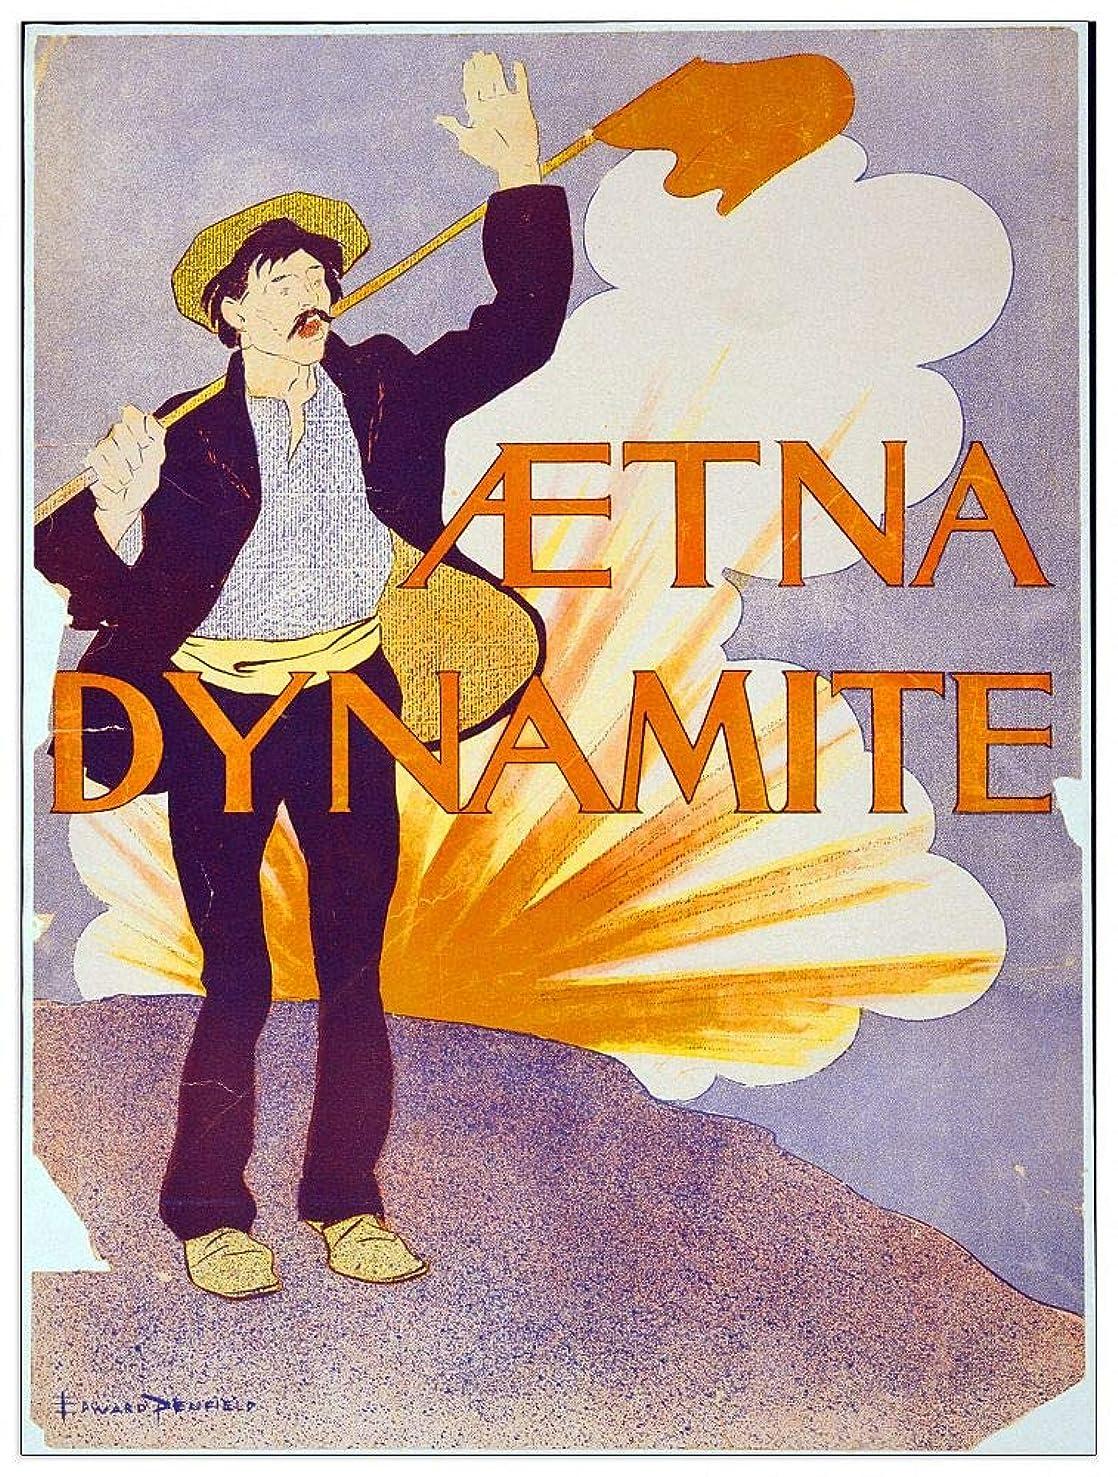 ArtPlaza TW91560 Aetna Dynamite Decorative Panel 27.5x35.5 Inch Multicolored